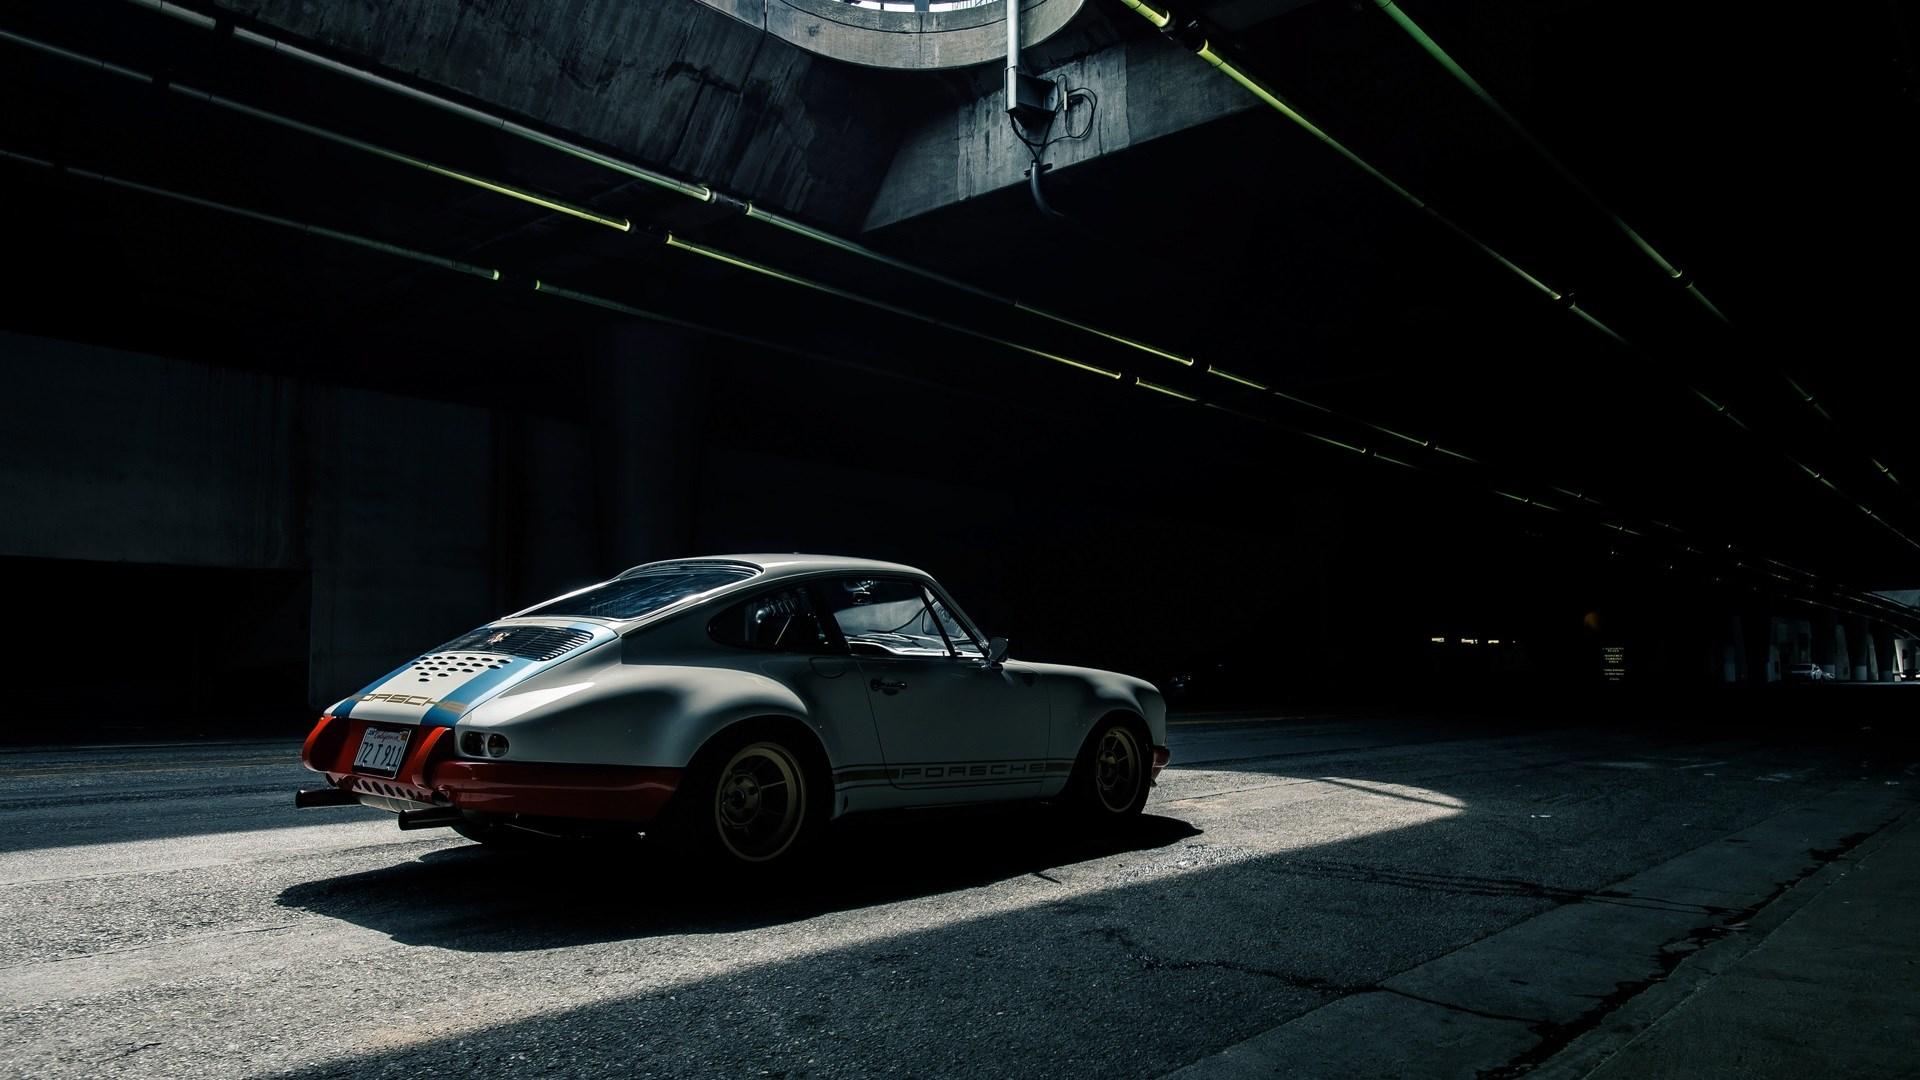 Tunnel Porsche 911 Back